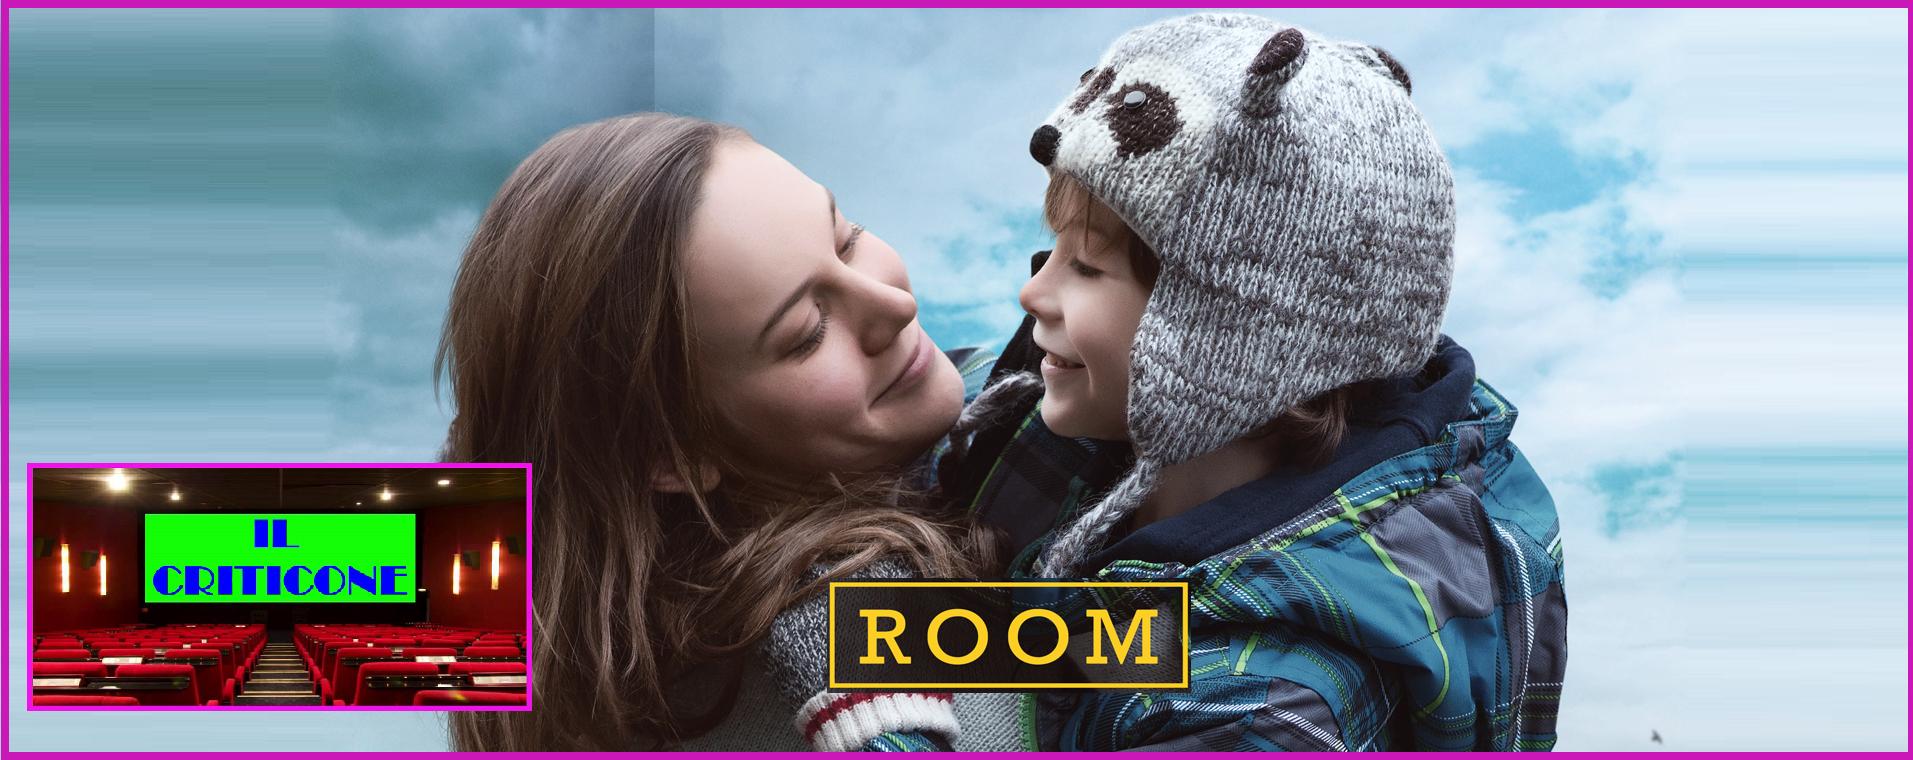 """Nuova puntata de """"Il Criticone"""" con il piccolo capolavoro """"Room"""", in uscita domani nei cinema italiani e presentato alla Festa del Cinema di Roma.Joy (Brie Larson) è una ragazza che […]"""